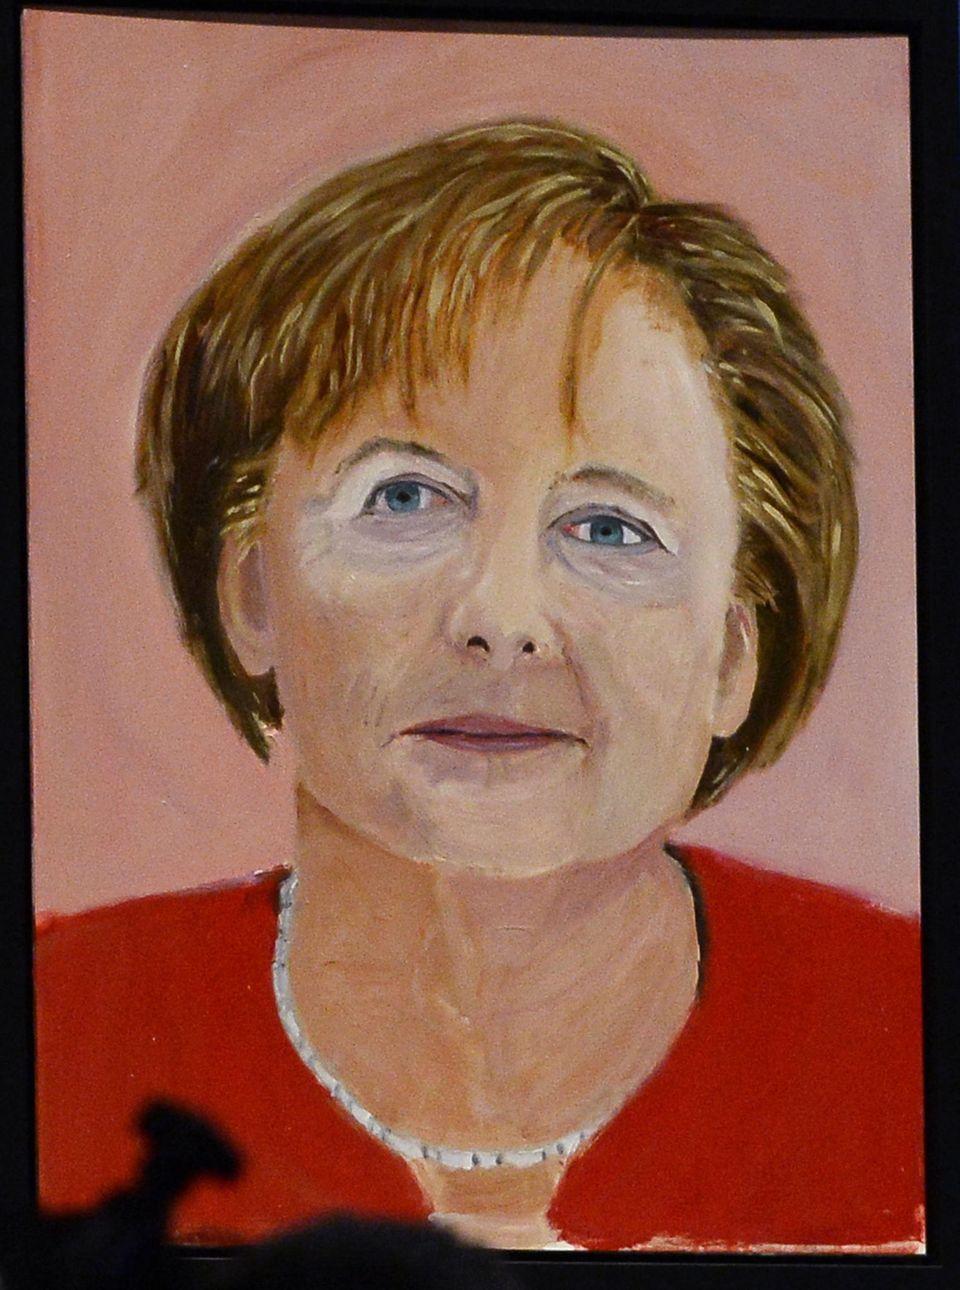 Ein Porträt von Angela Merkel, gemalt von George W. Bush